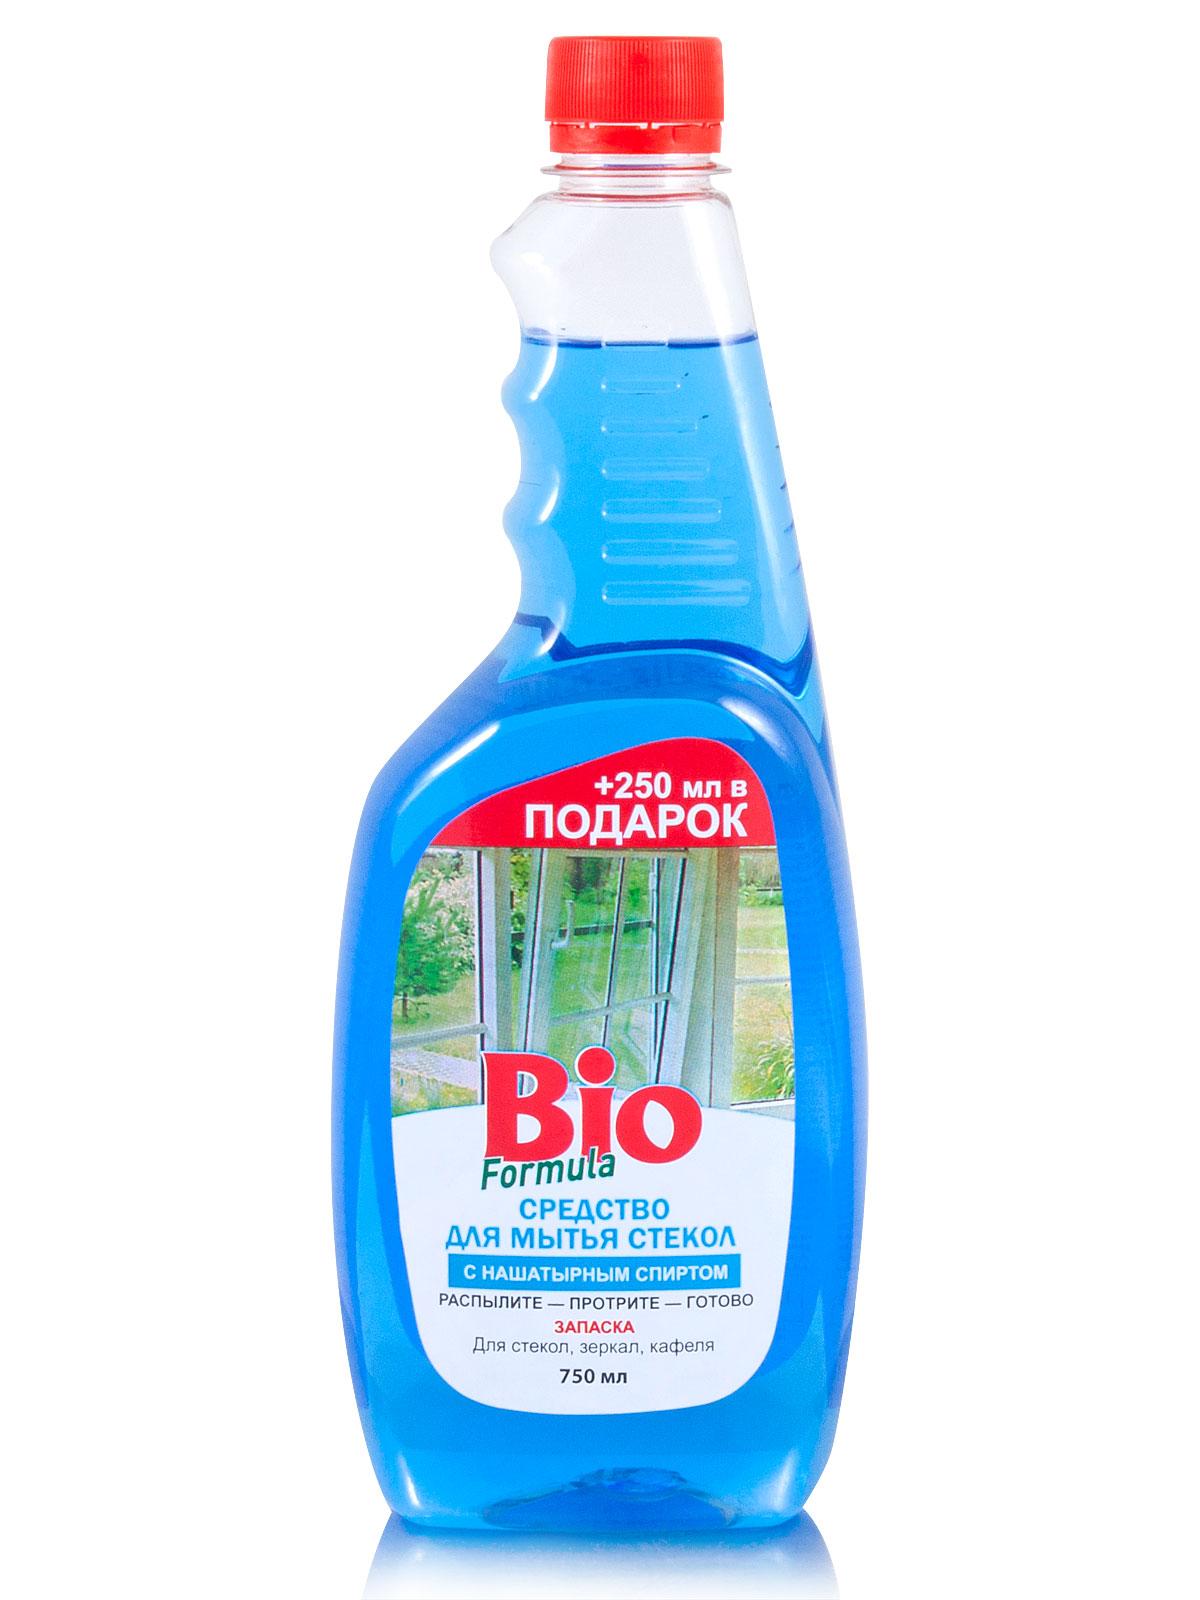 bio BIO Formula Для мытья стекол с нашатырным спиртом (запаска) 750мл (4823015925856)